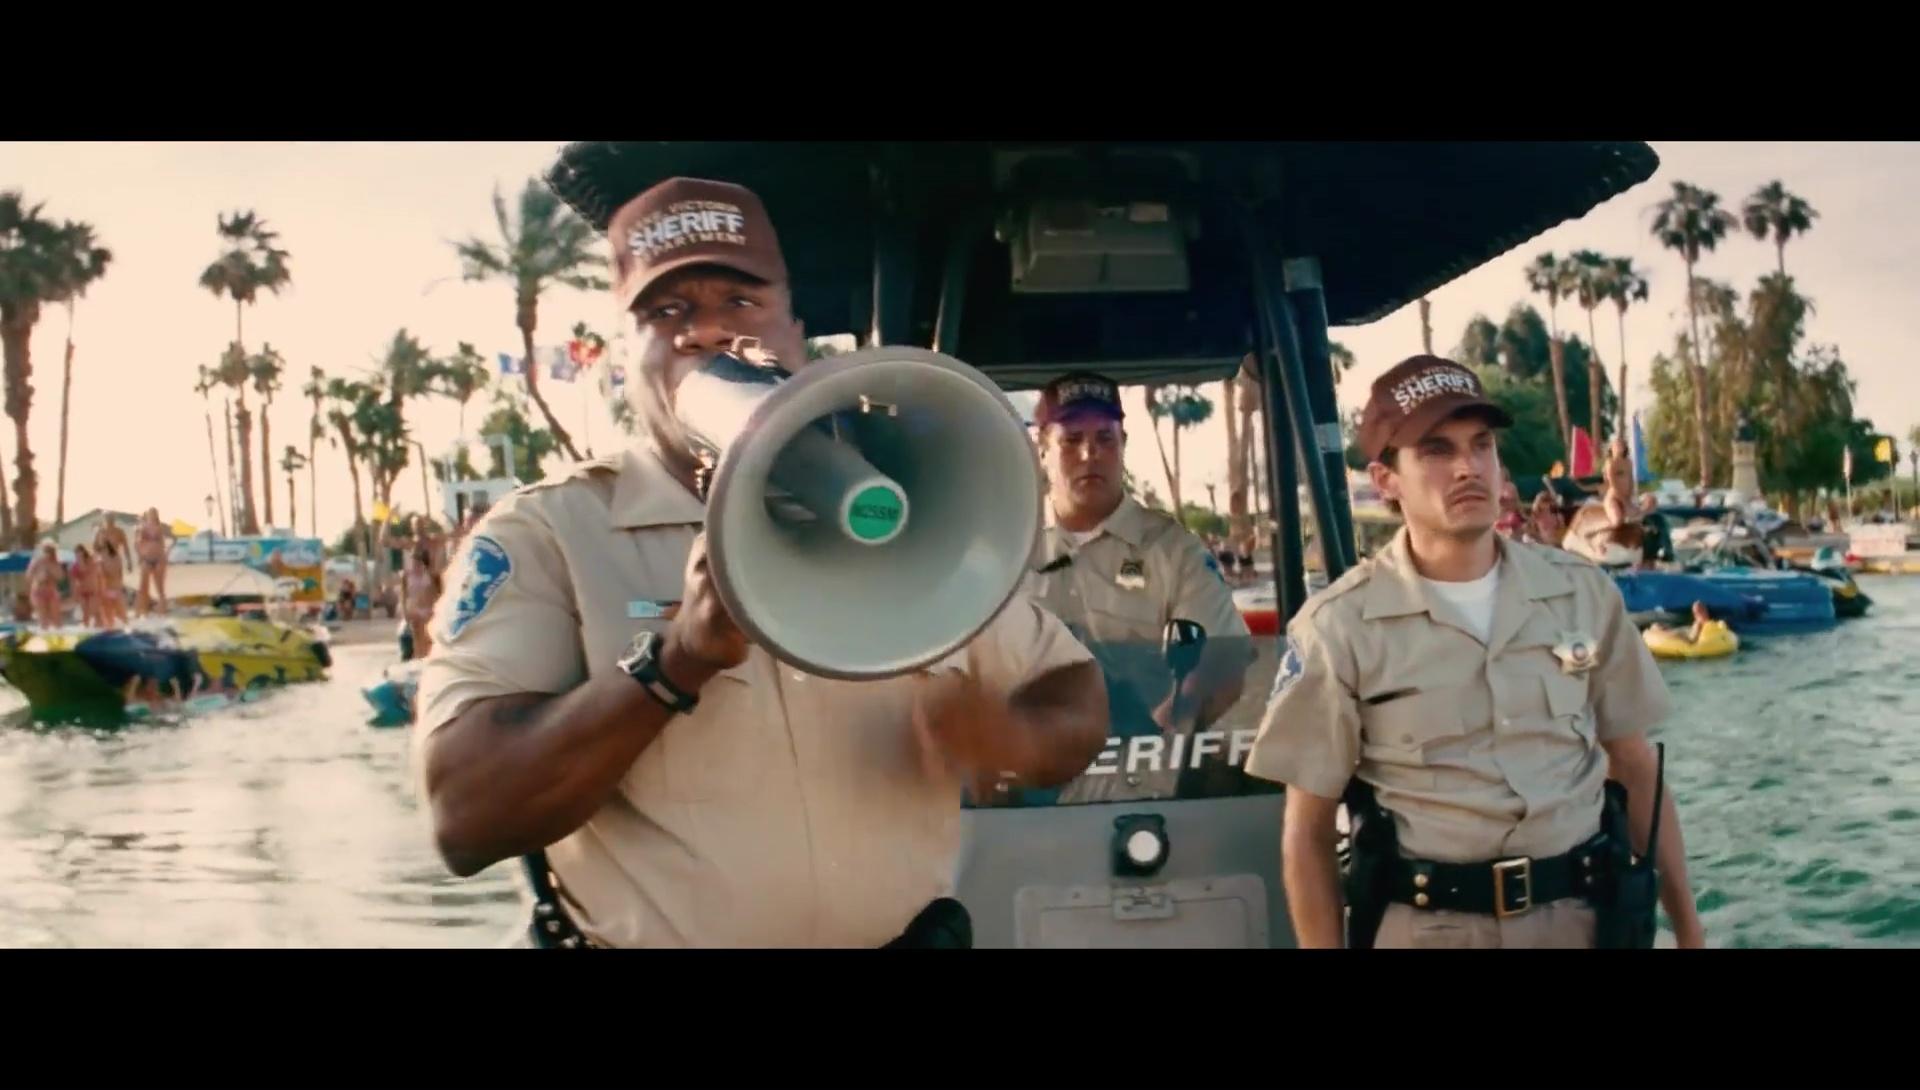 Piraña 1080p Lat-Cast-Ing 5.1 (2010)